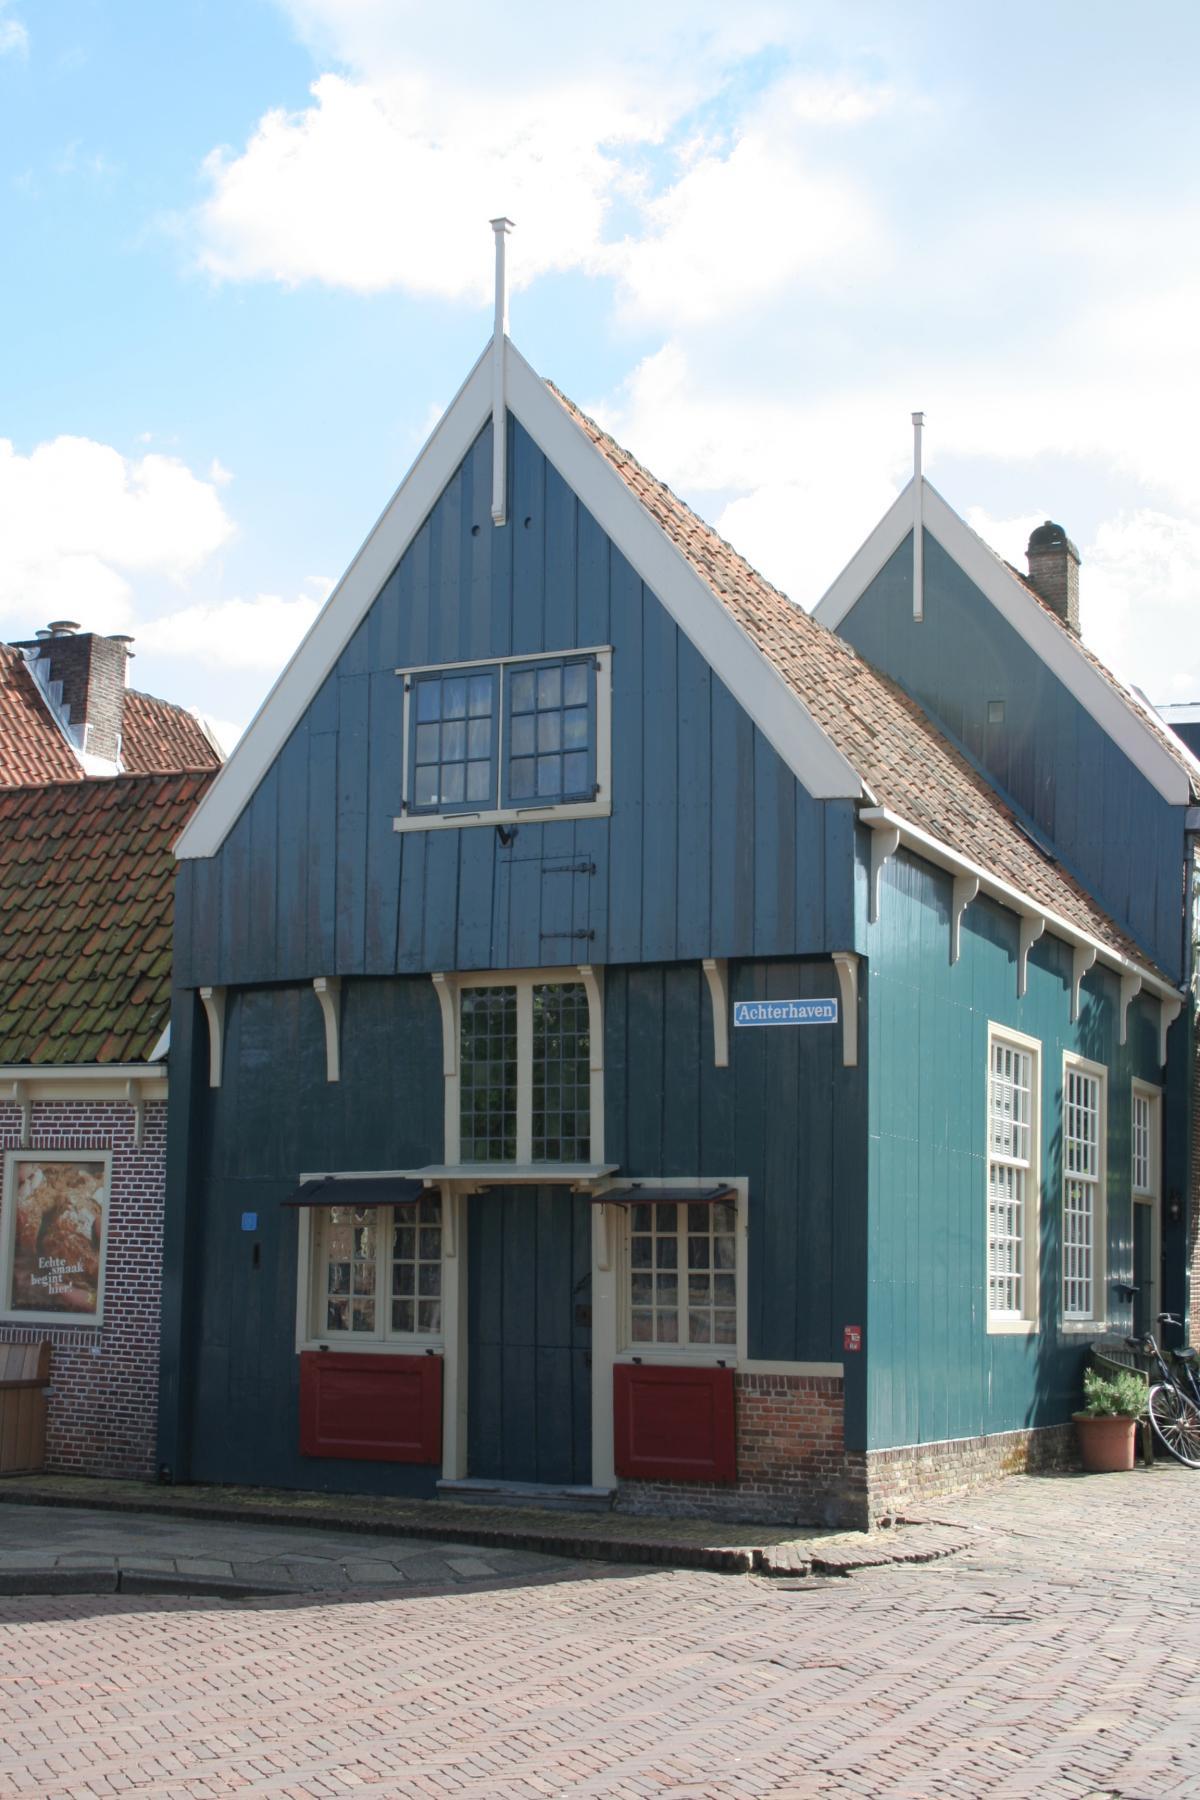 Houten huis vvv edam - Houten huis ...